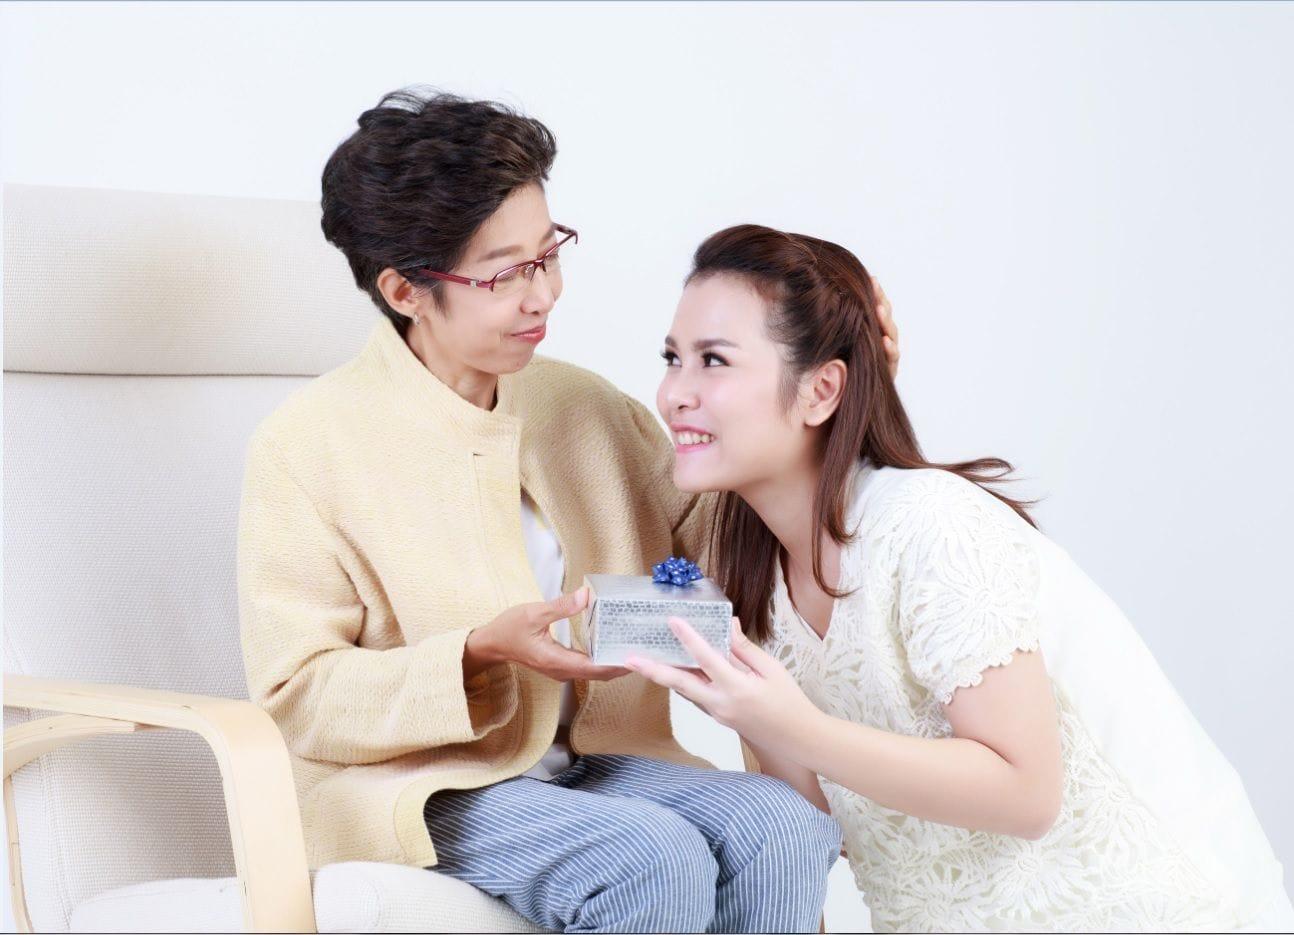 Kinh nghiệm lựa chọn món quà phù hợp cho Ngày của Mẹ, để xuống tiền chắc chắn mẹ nhận được sẽ ưng ngay - Ảnh 3.